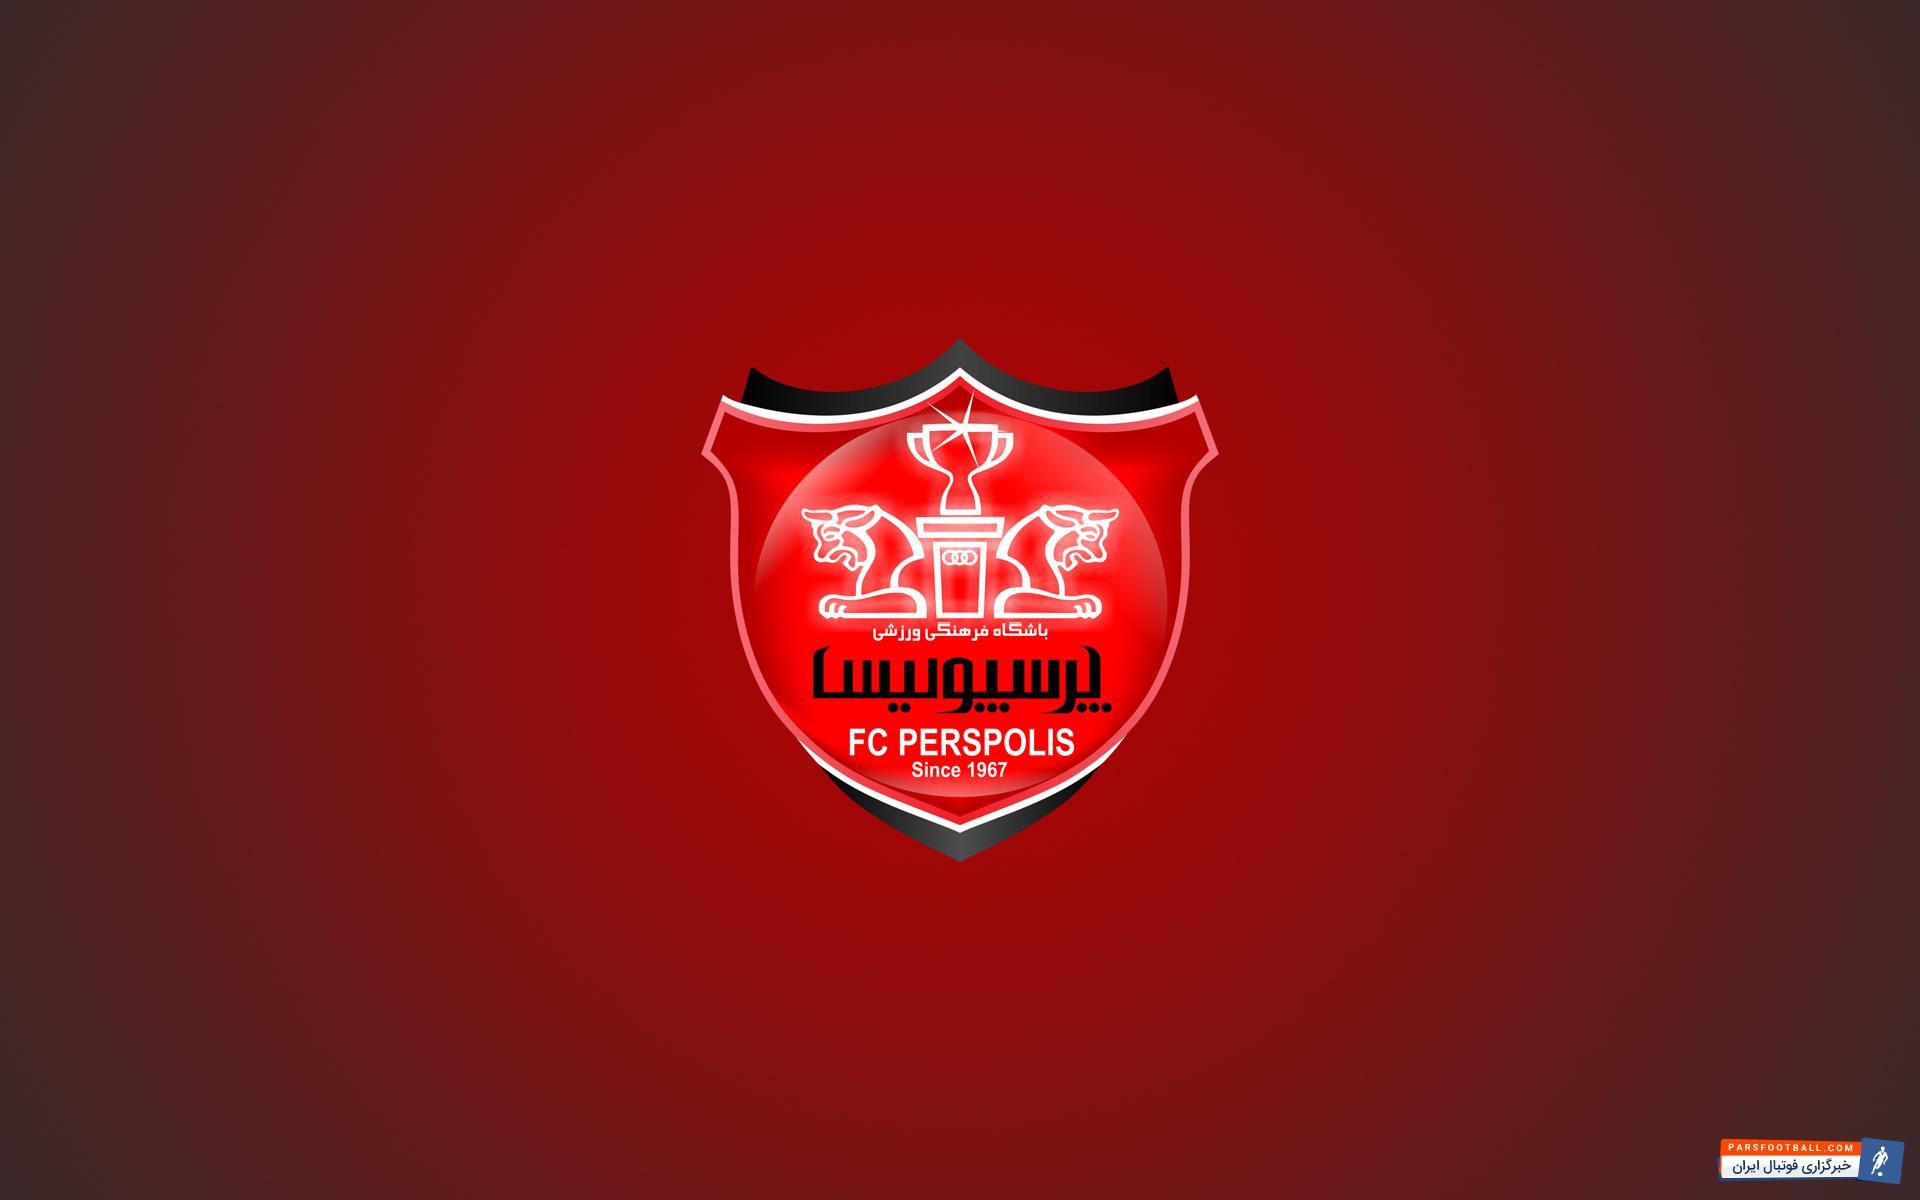 پرسپولیس بهترین تیم مهمان لیگ برتر ؛ رکورد جذاب پرسپولیس در لیگ برتر